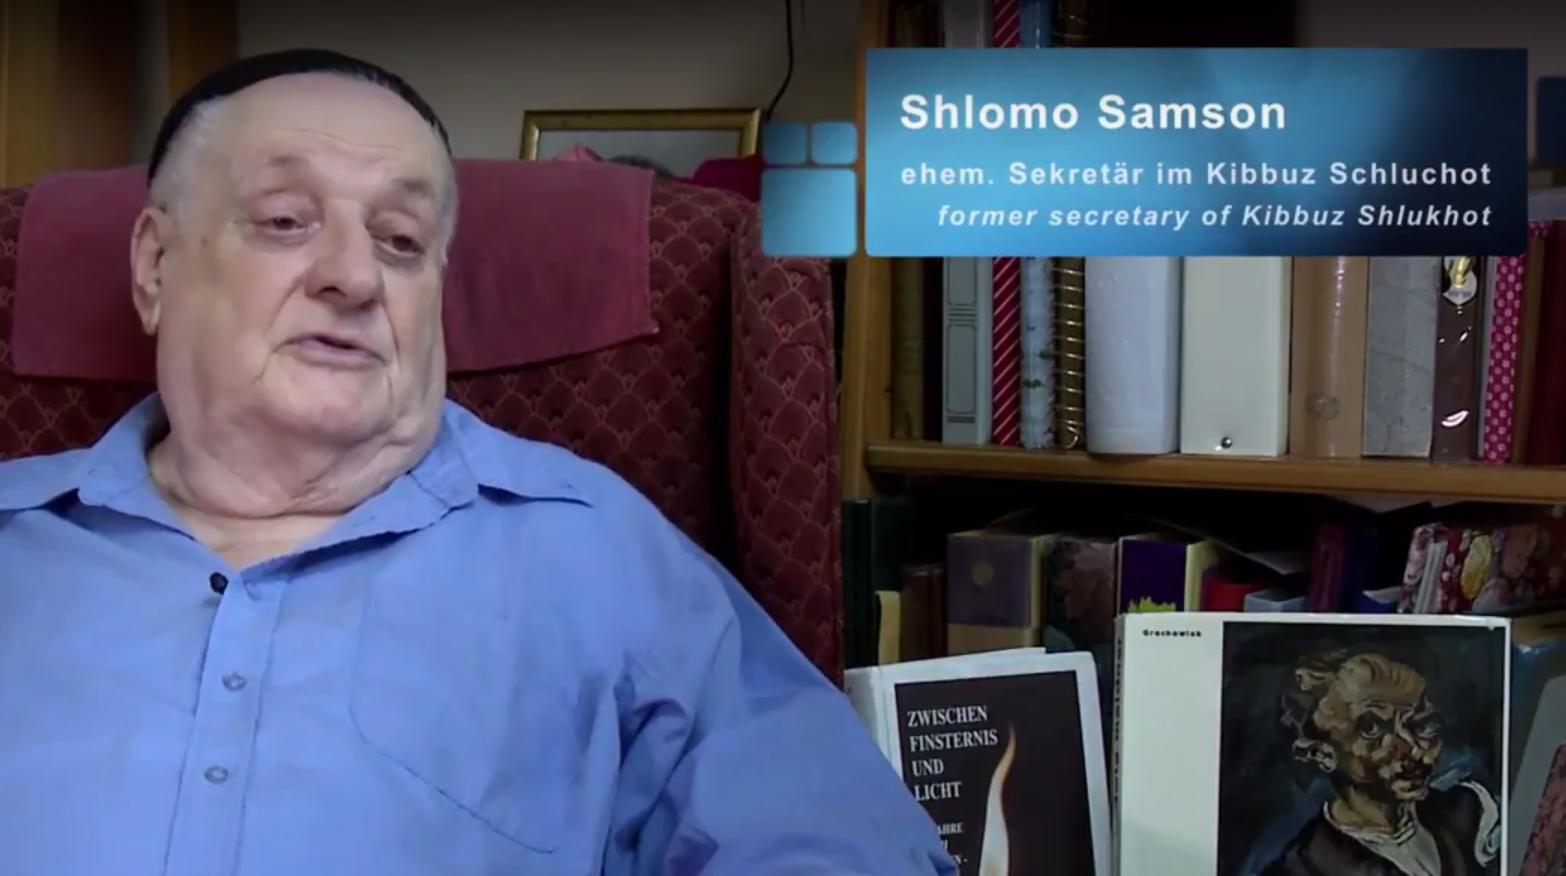 Shlomo Samson